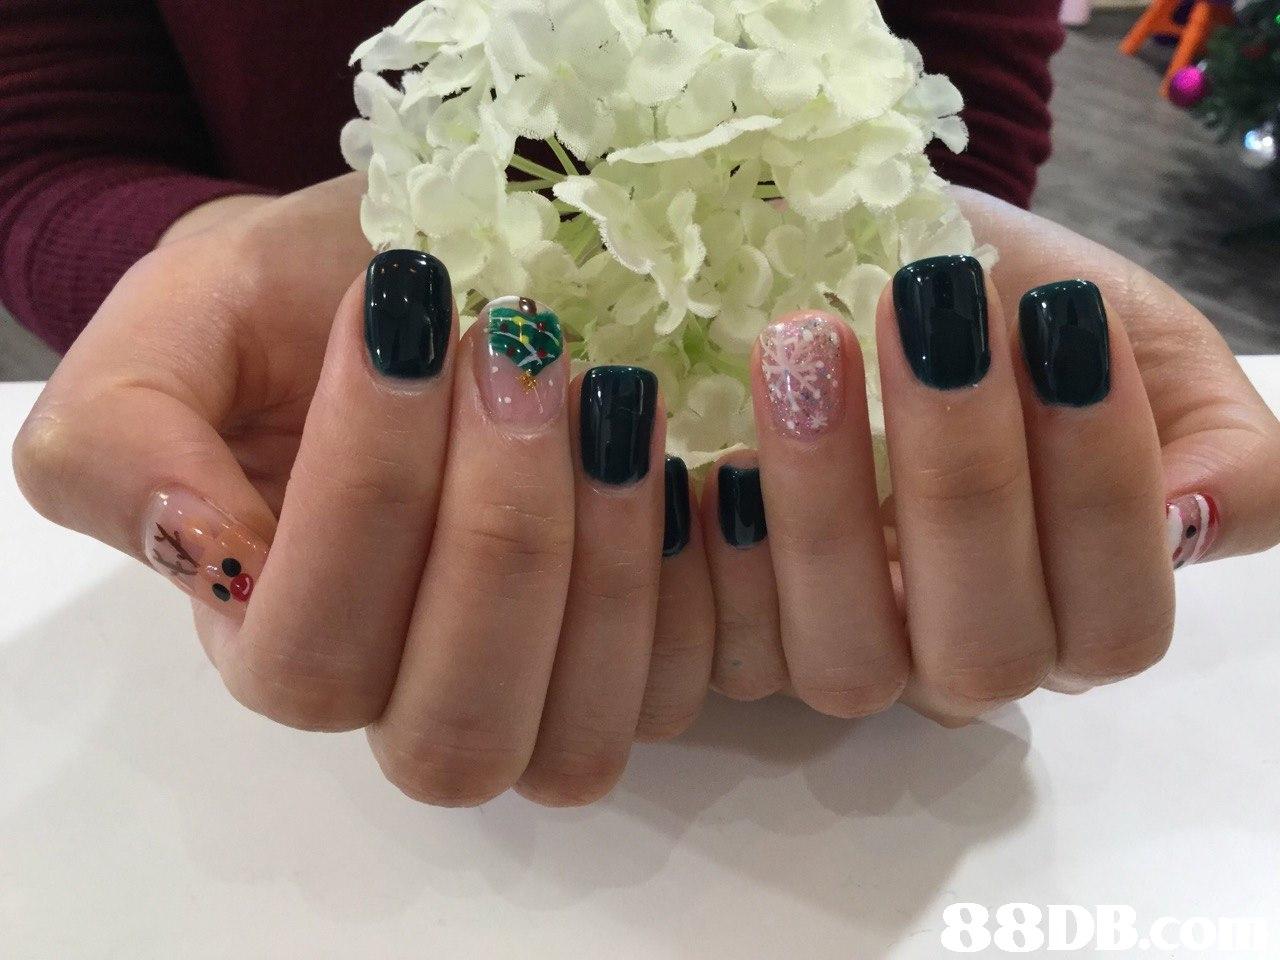 88D  nail,finger,nail care,hand,nail polish